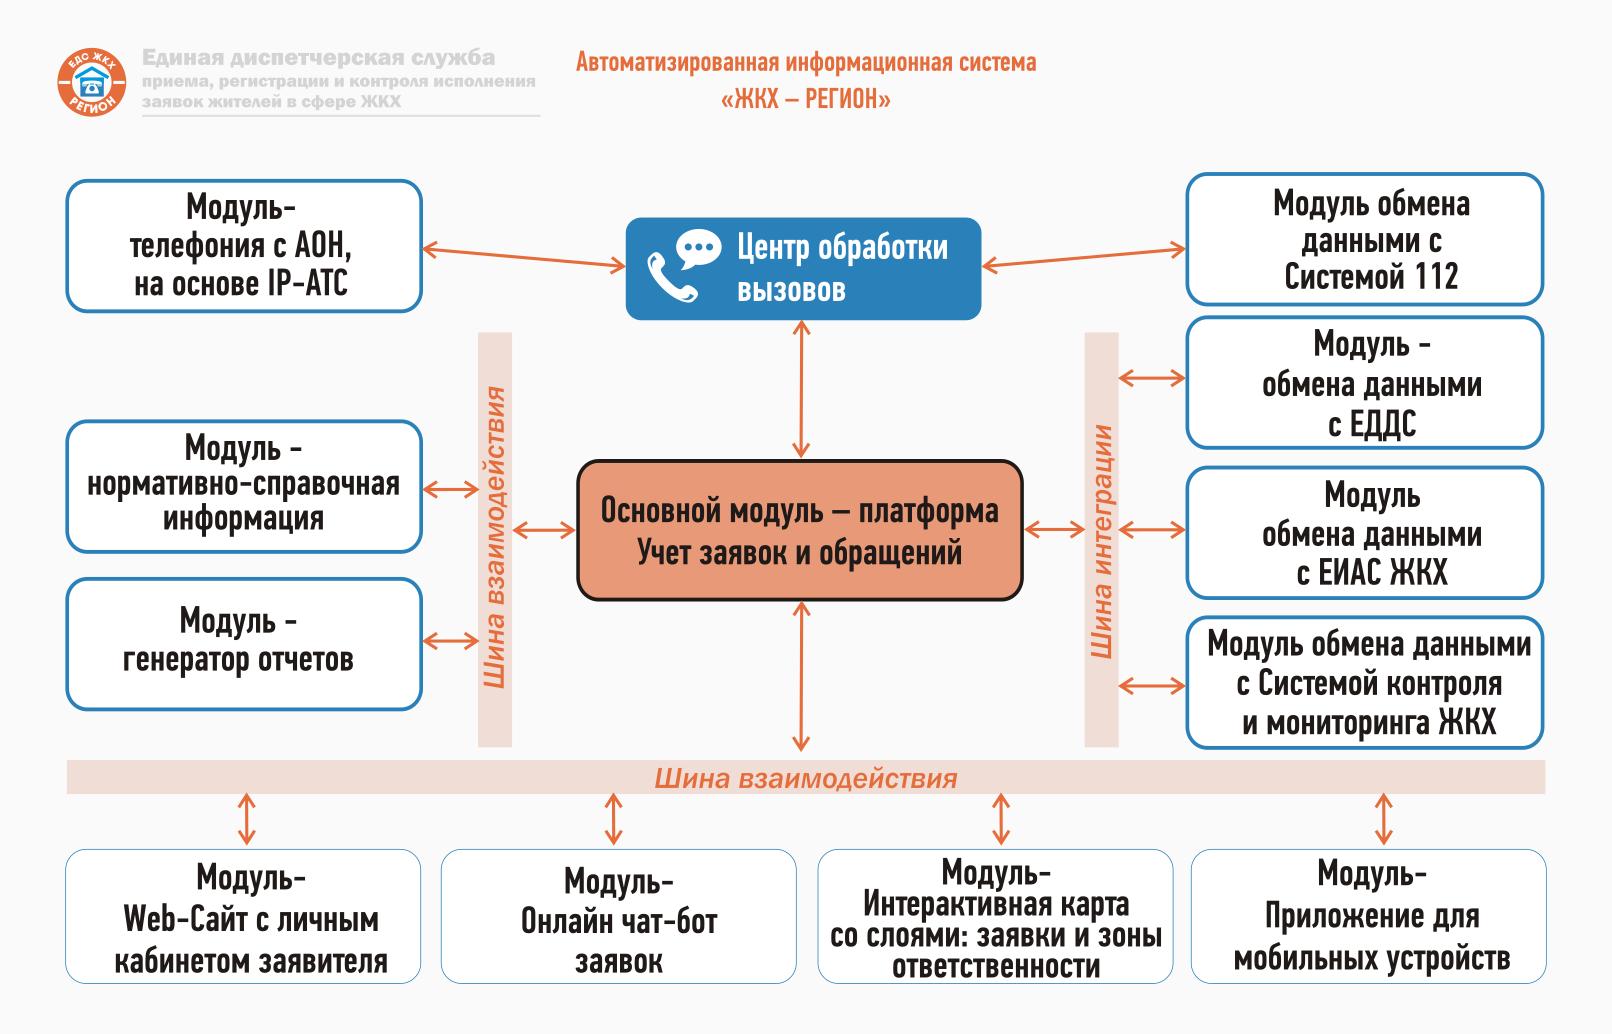 Авторизированная информационная система